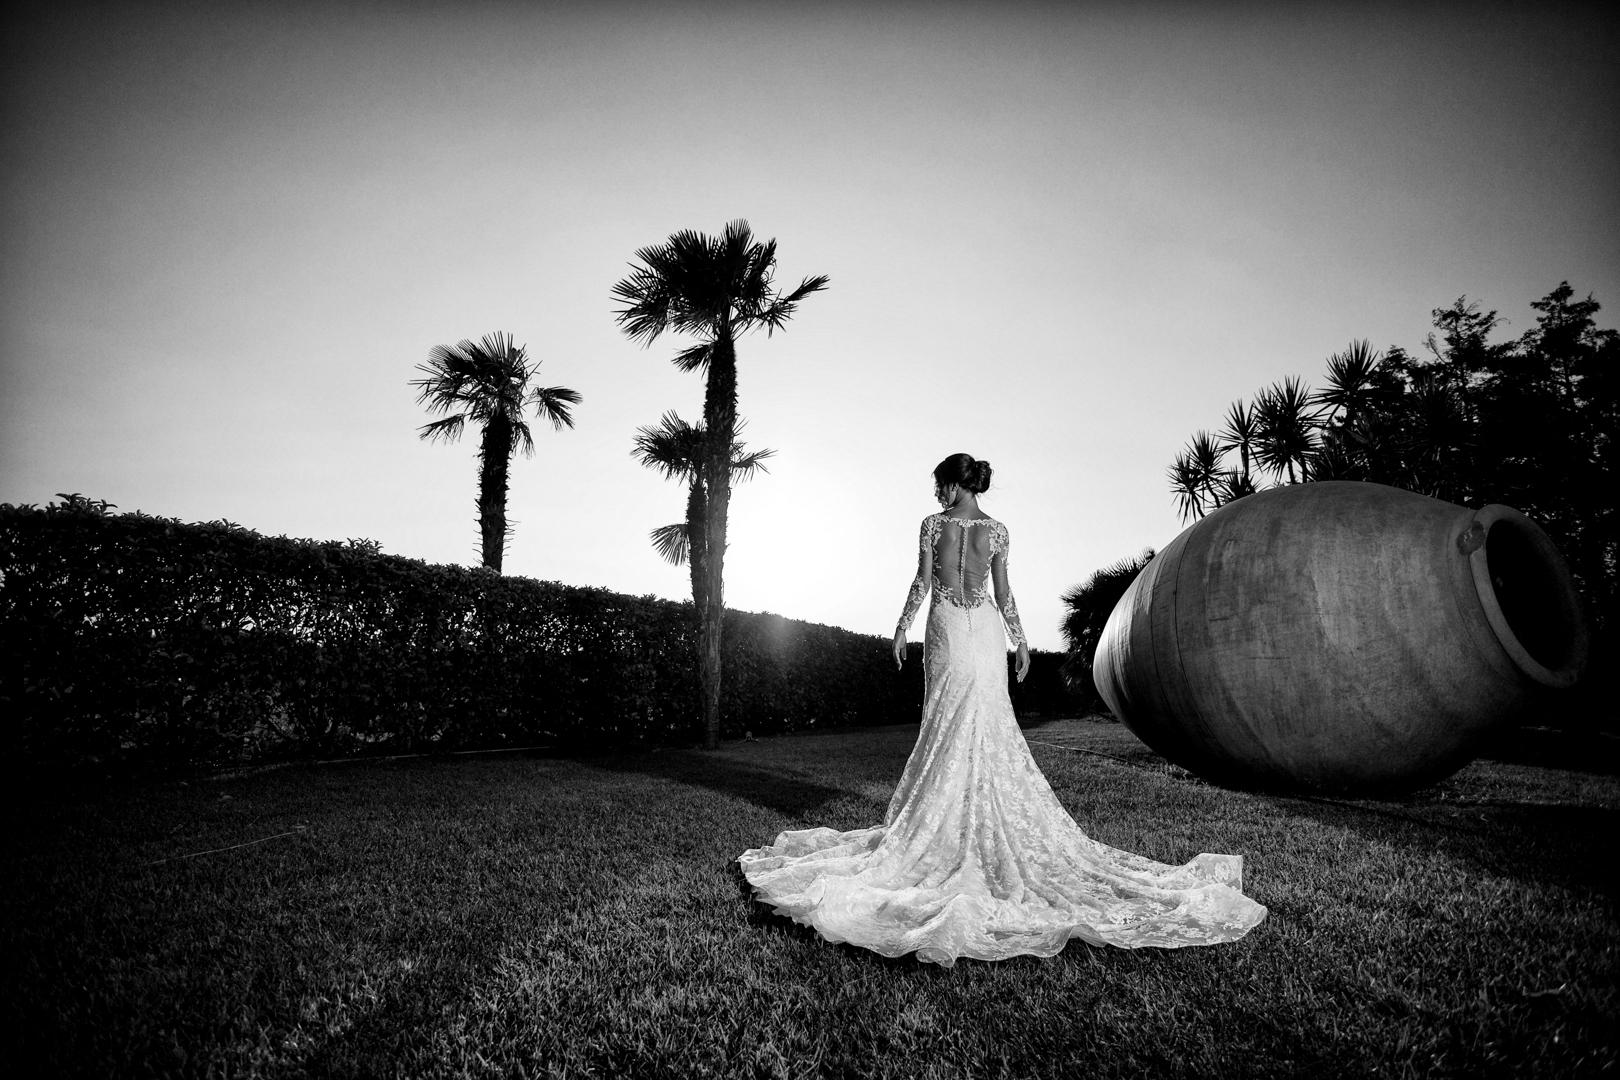 28 gianni-lepore-wedding-villa-demetra-foggia-sposa-dietro